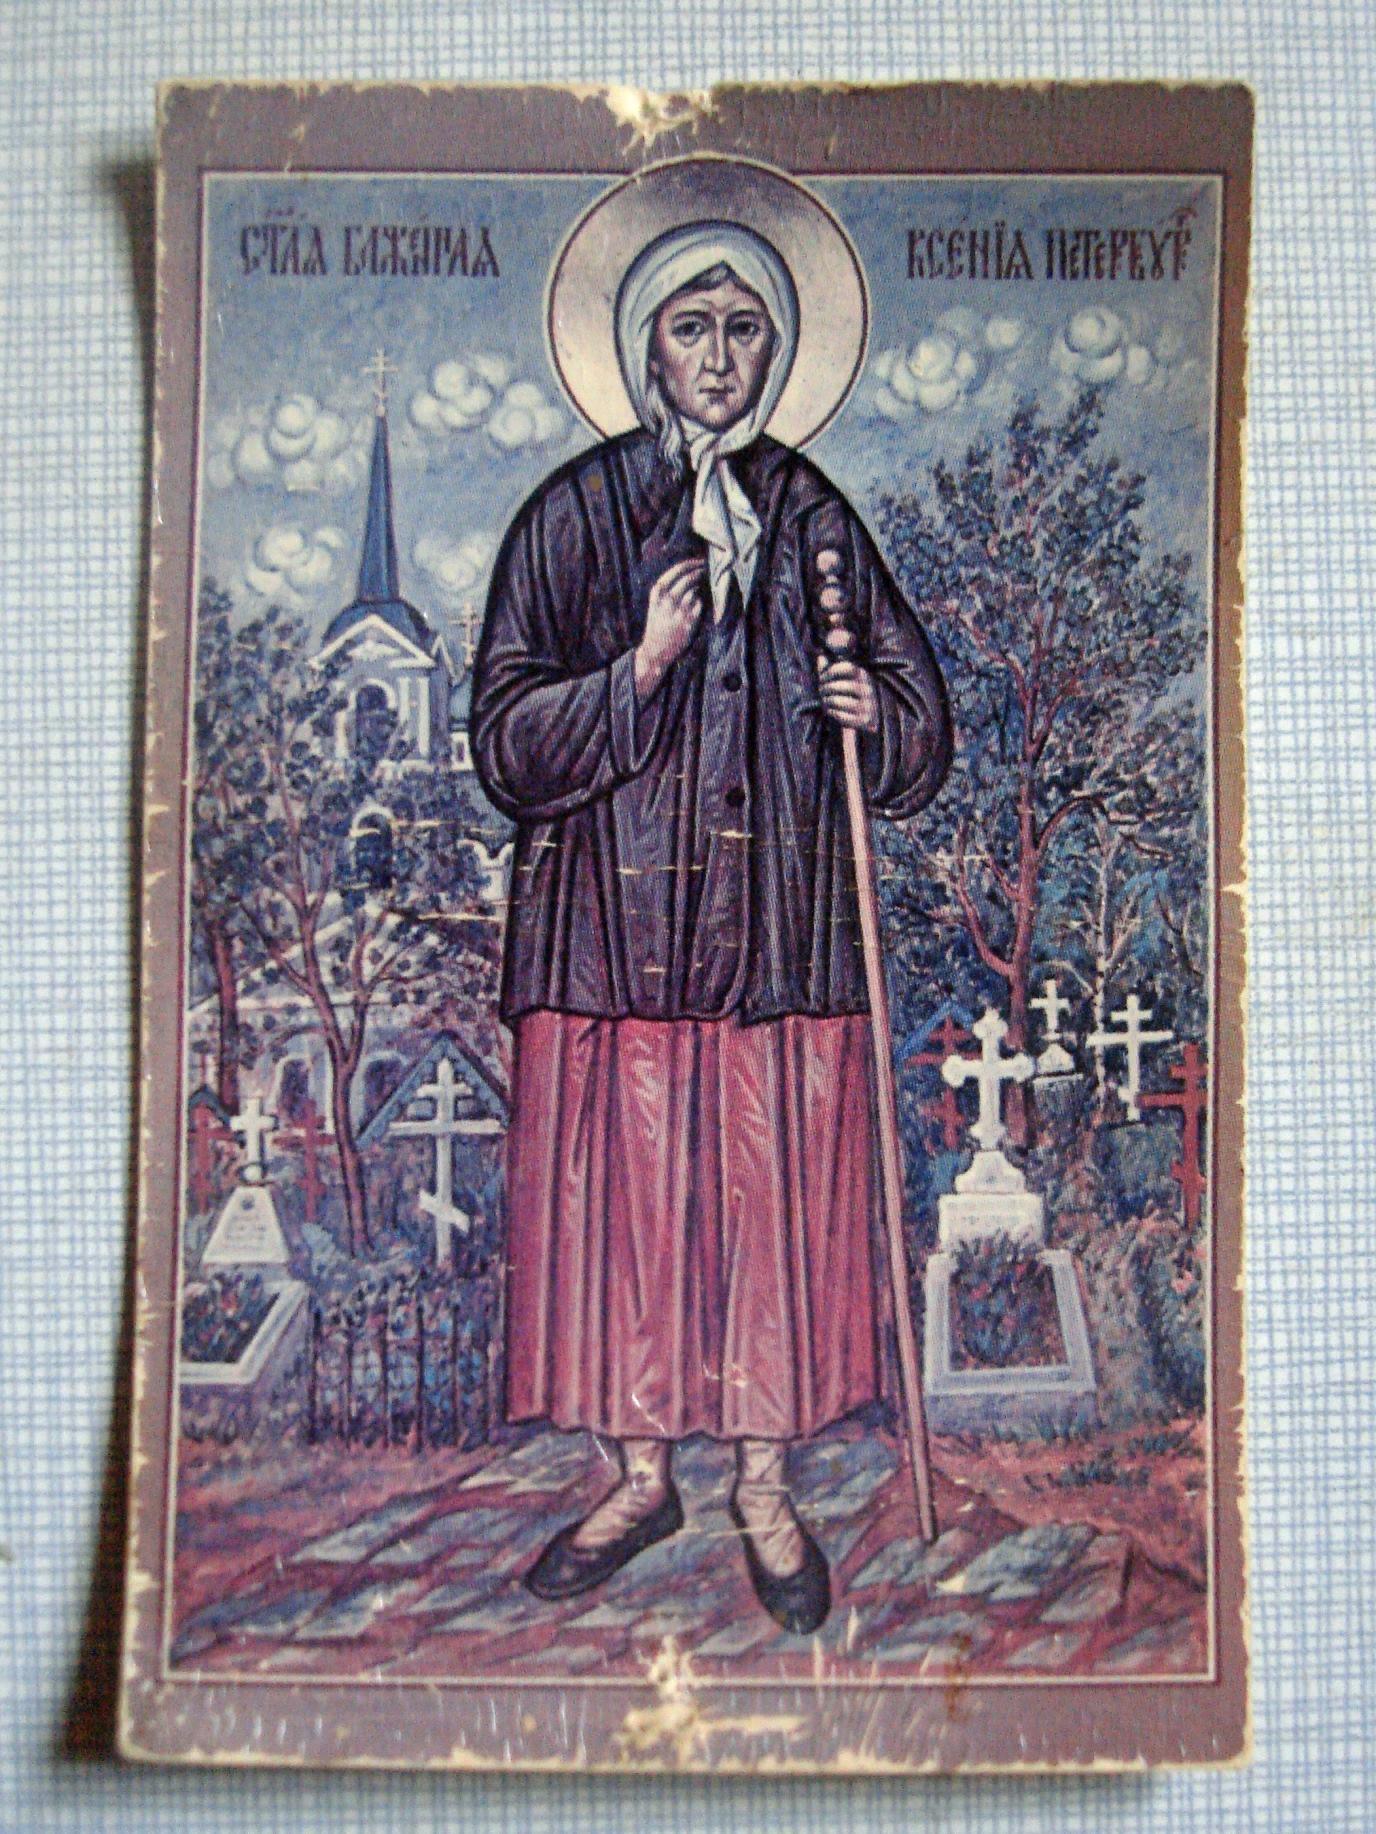 Одна из первых бумажных иконок святой (ещё до официального прославления)